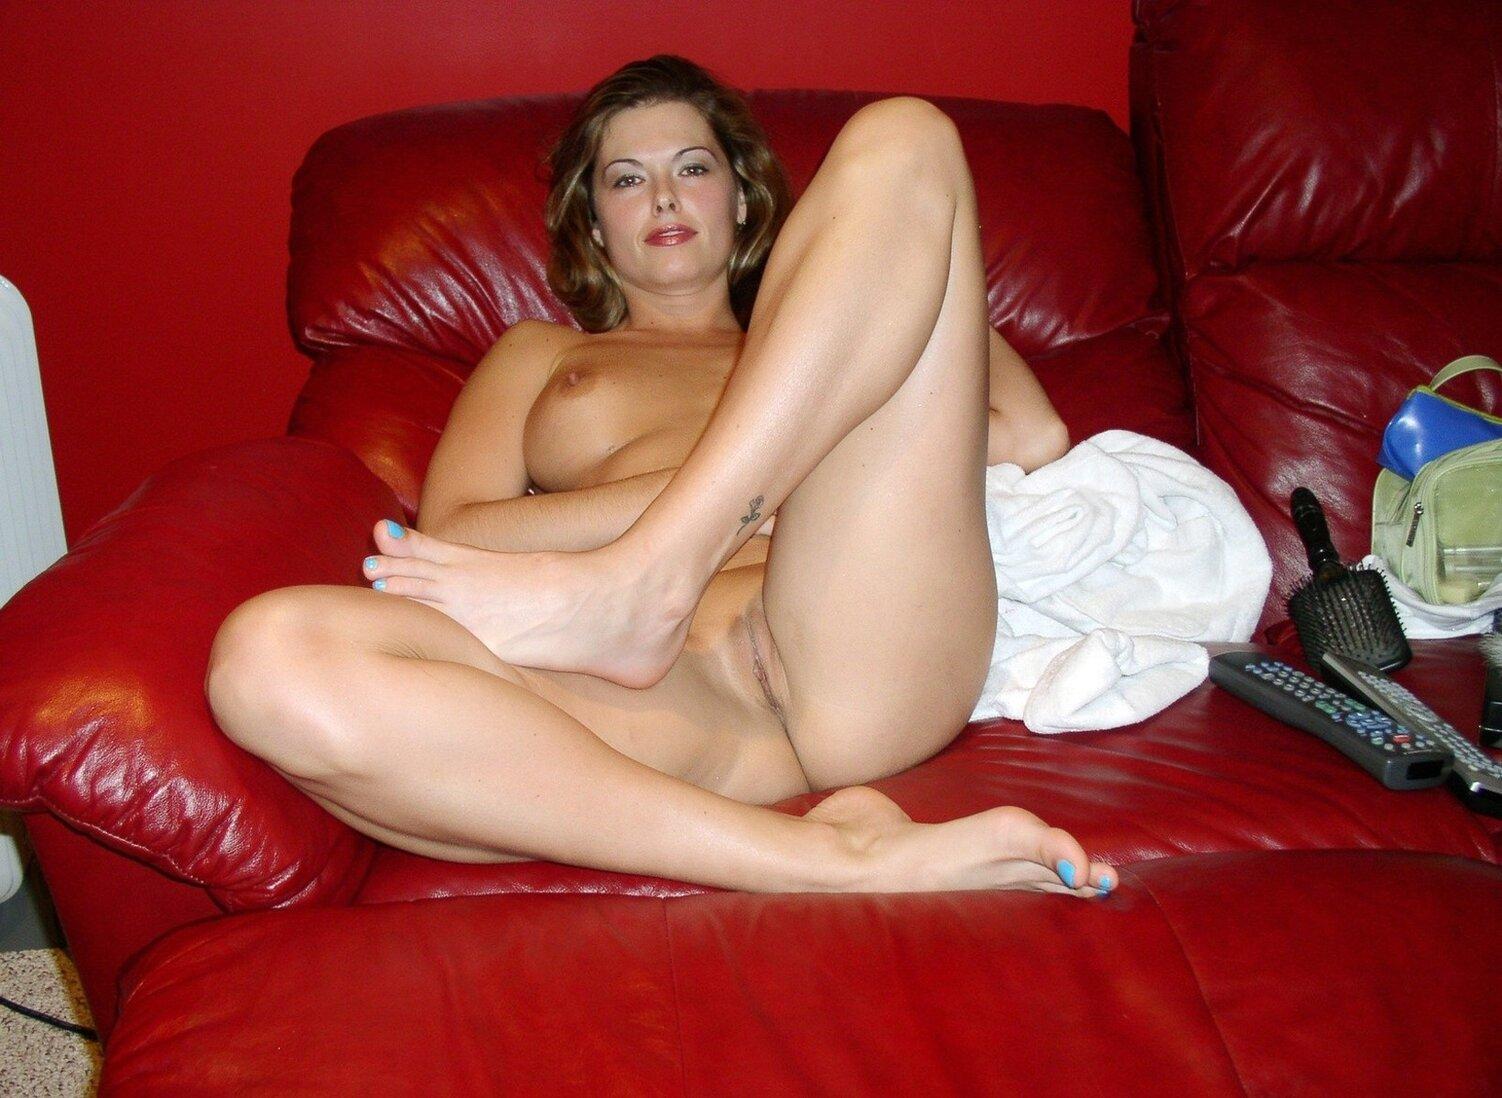 Тетки за 40 очень красивая женщина лежит на красном кожаном диване, показывая свои прелести.